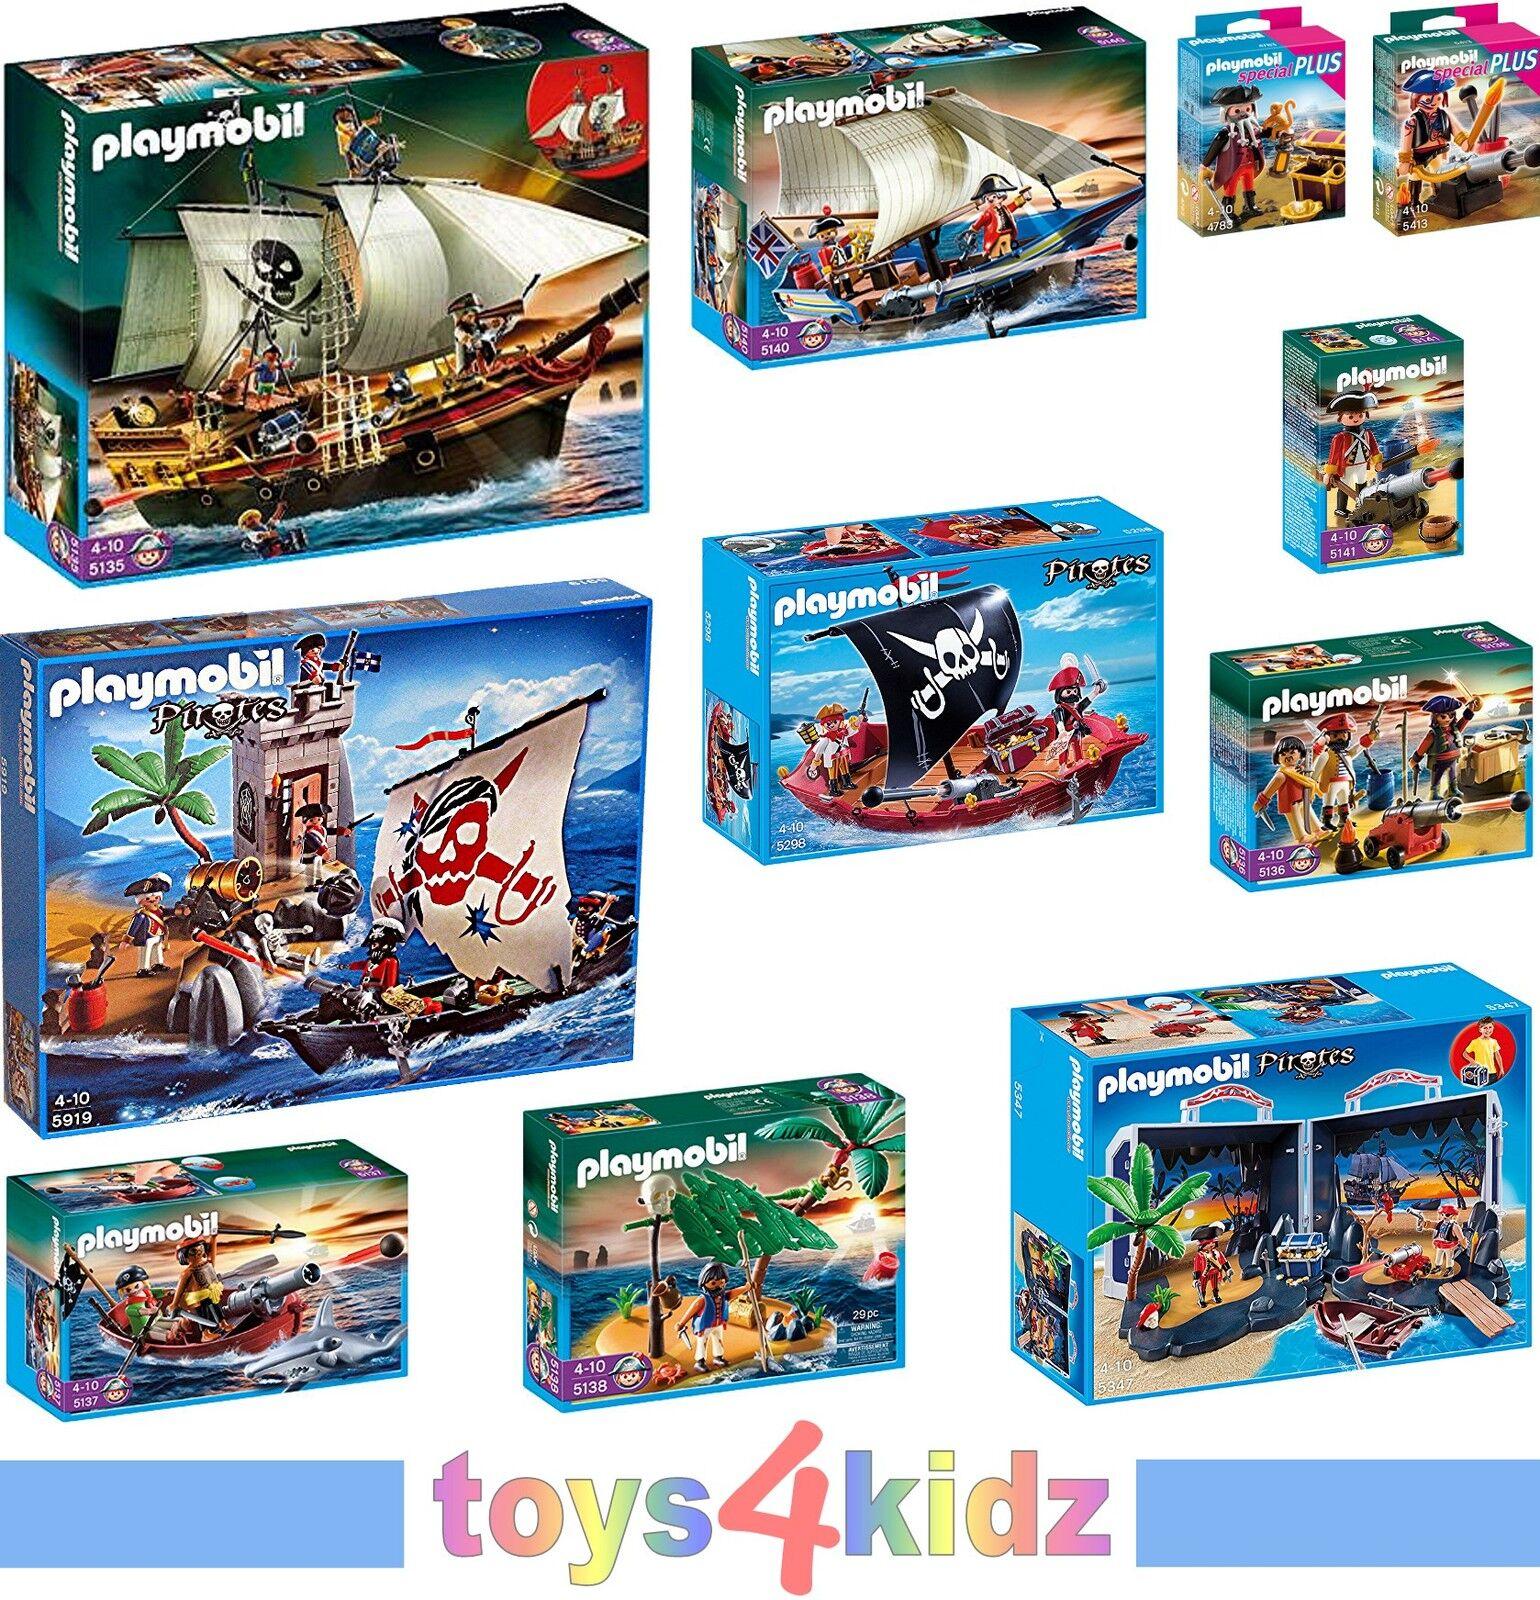 PLAYMOBIL® Piraten 5135 - 5141, 5919, 5347, 5298 zum Auswählen  NEU / OVP